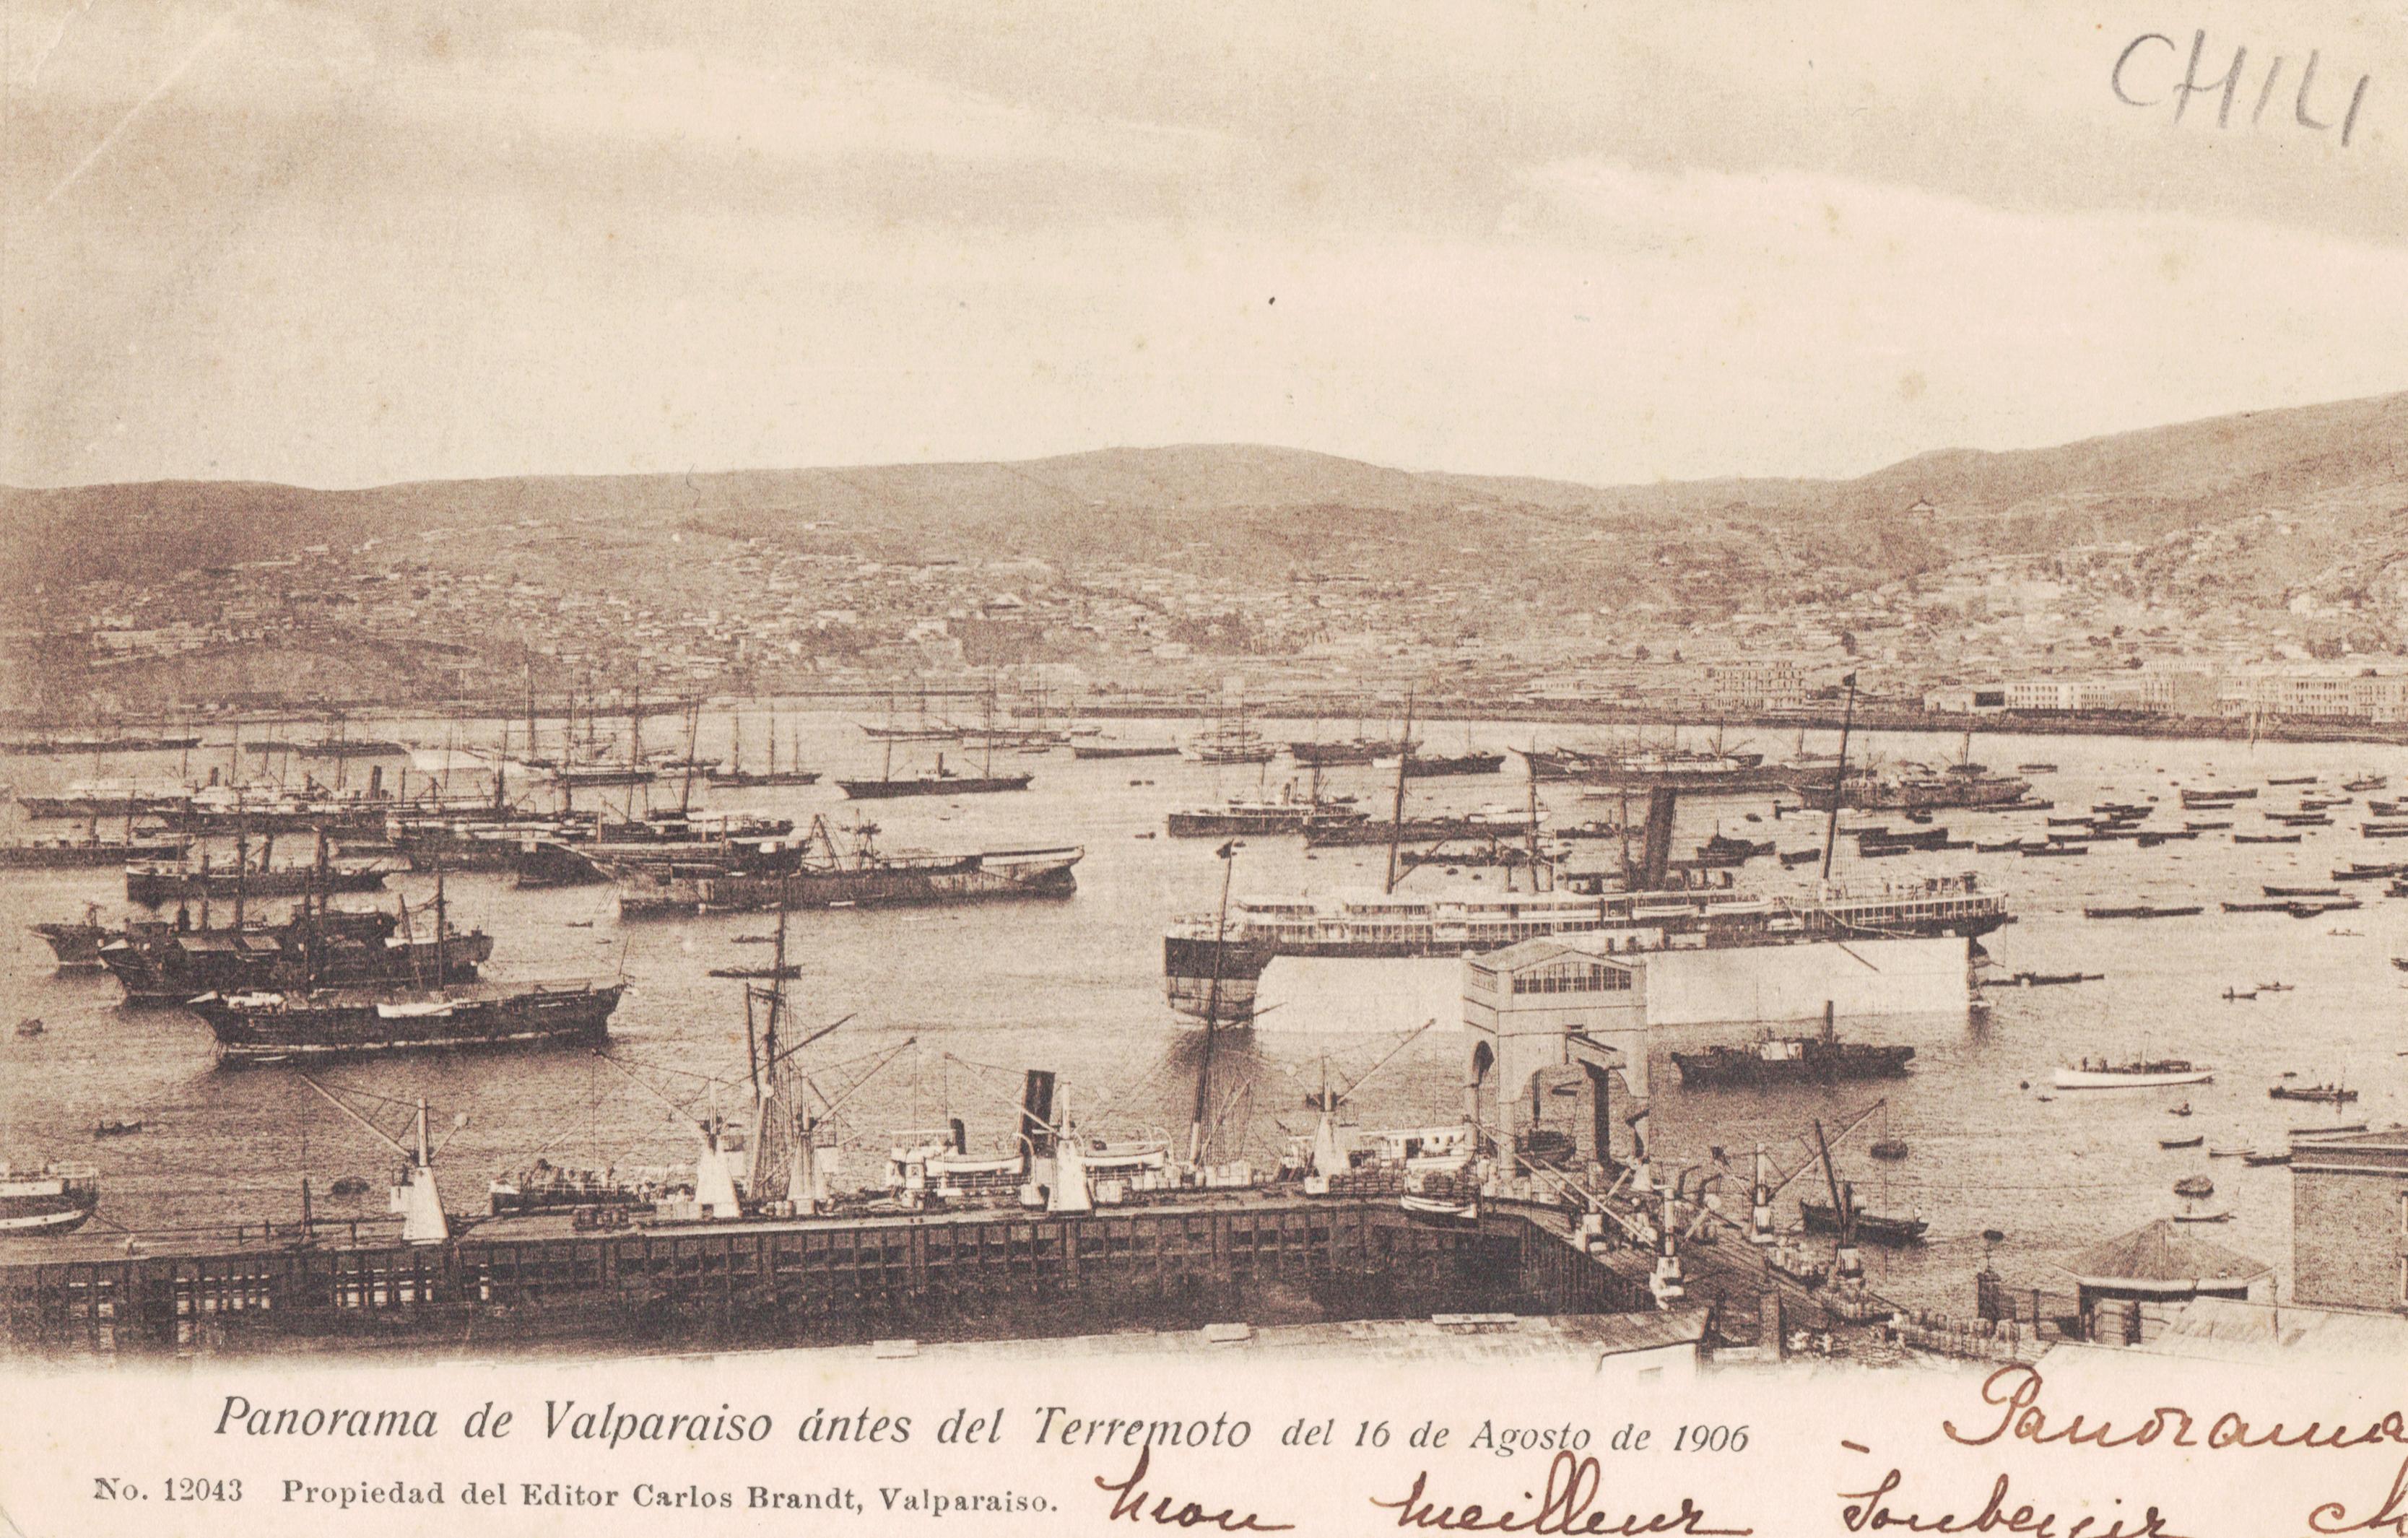 Enterreno - Fotos históricas de chile - fotos antiguas de Chile - Valparaíso antes del terremoto, 1906